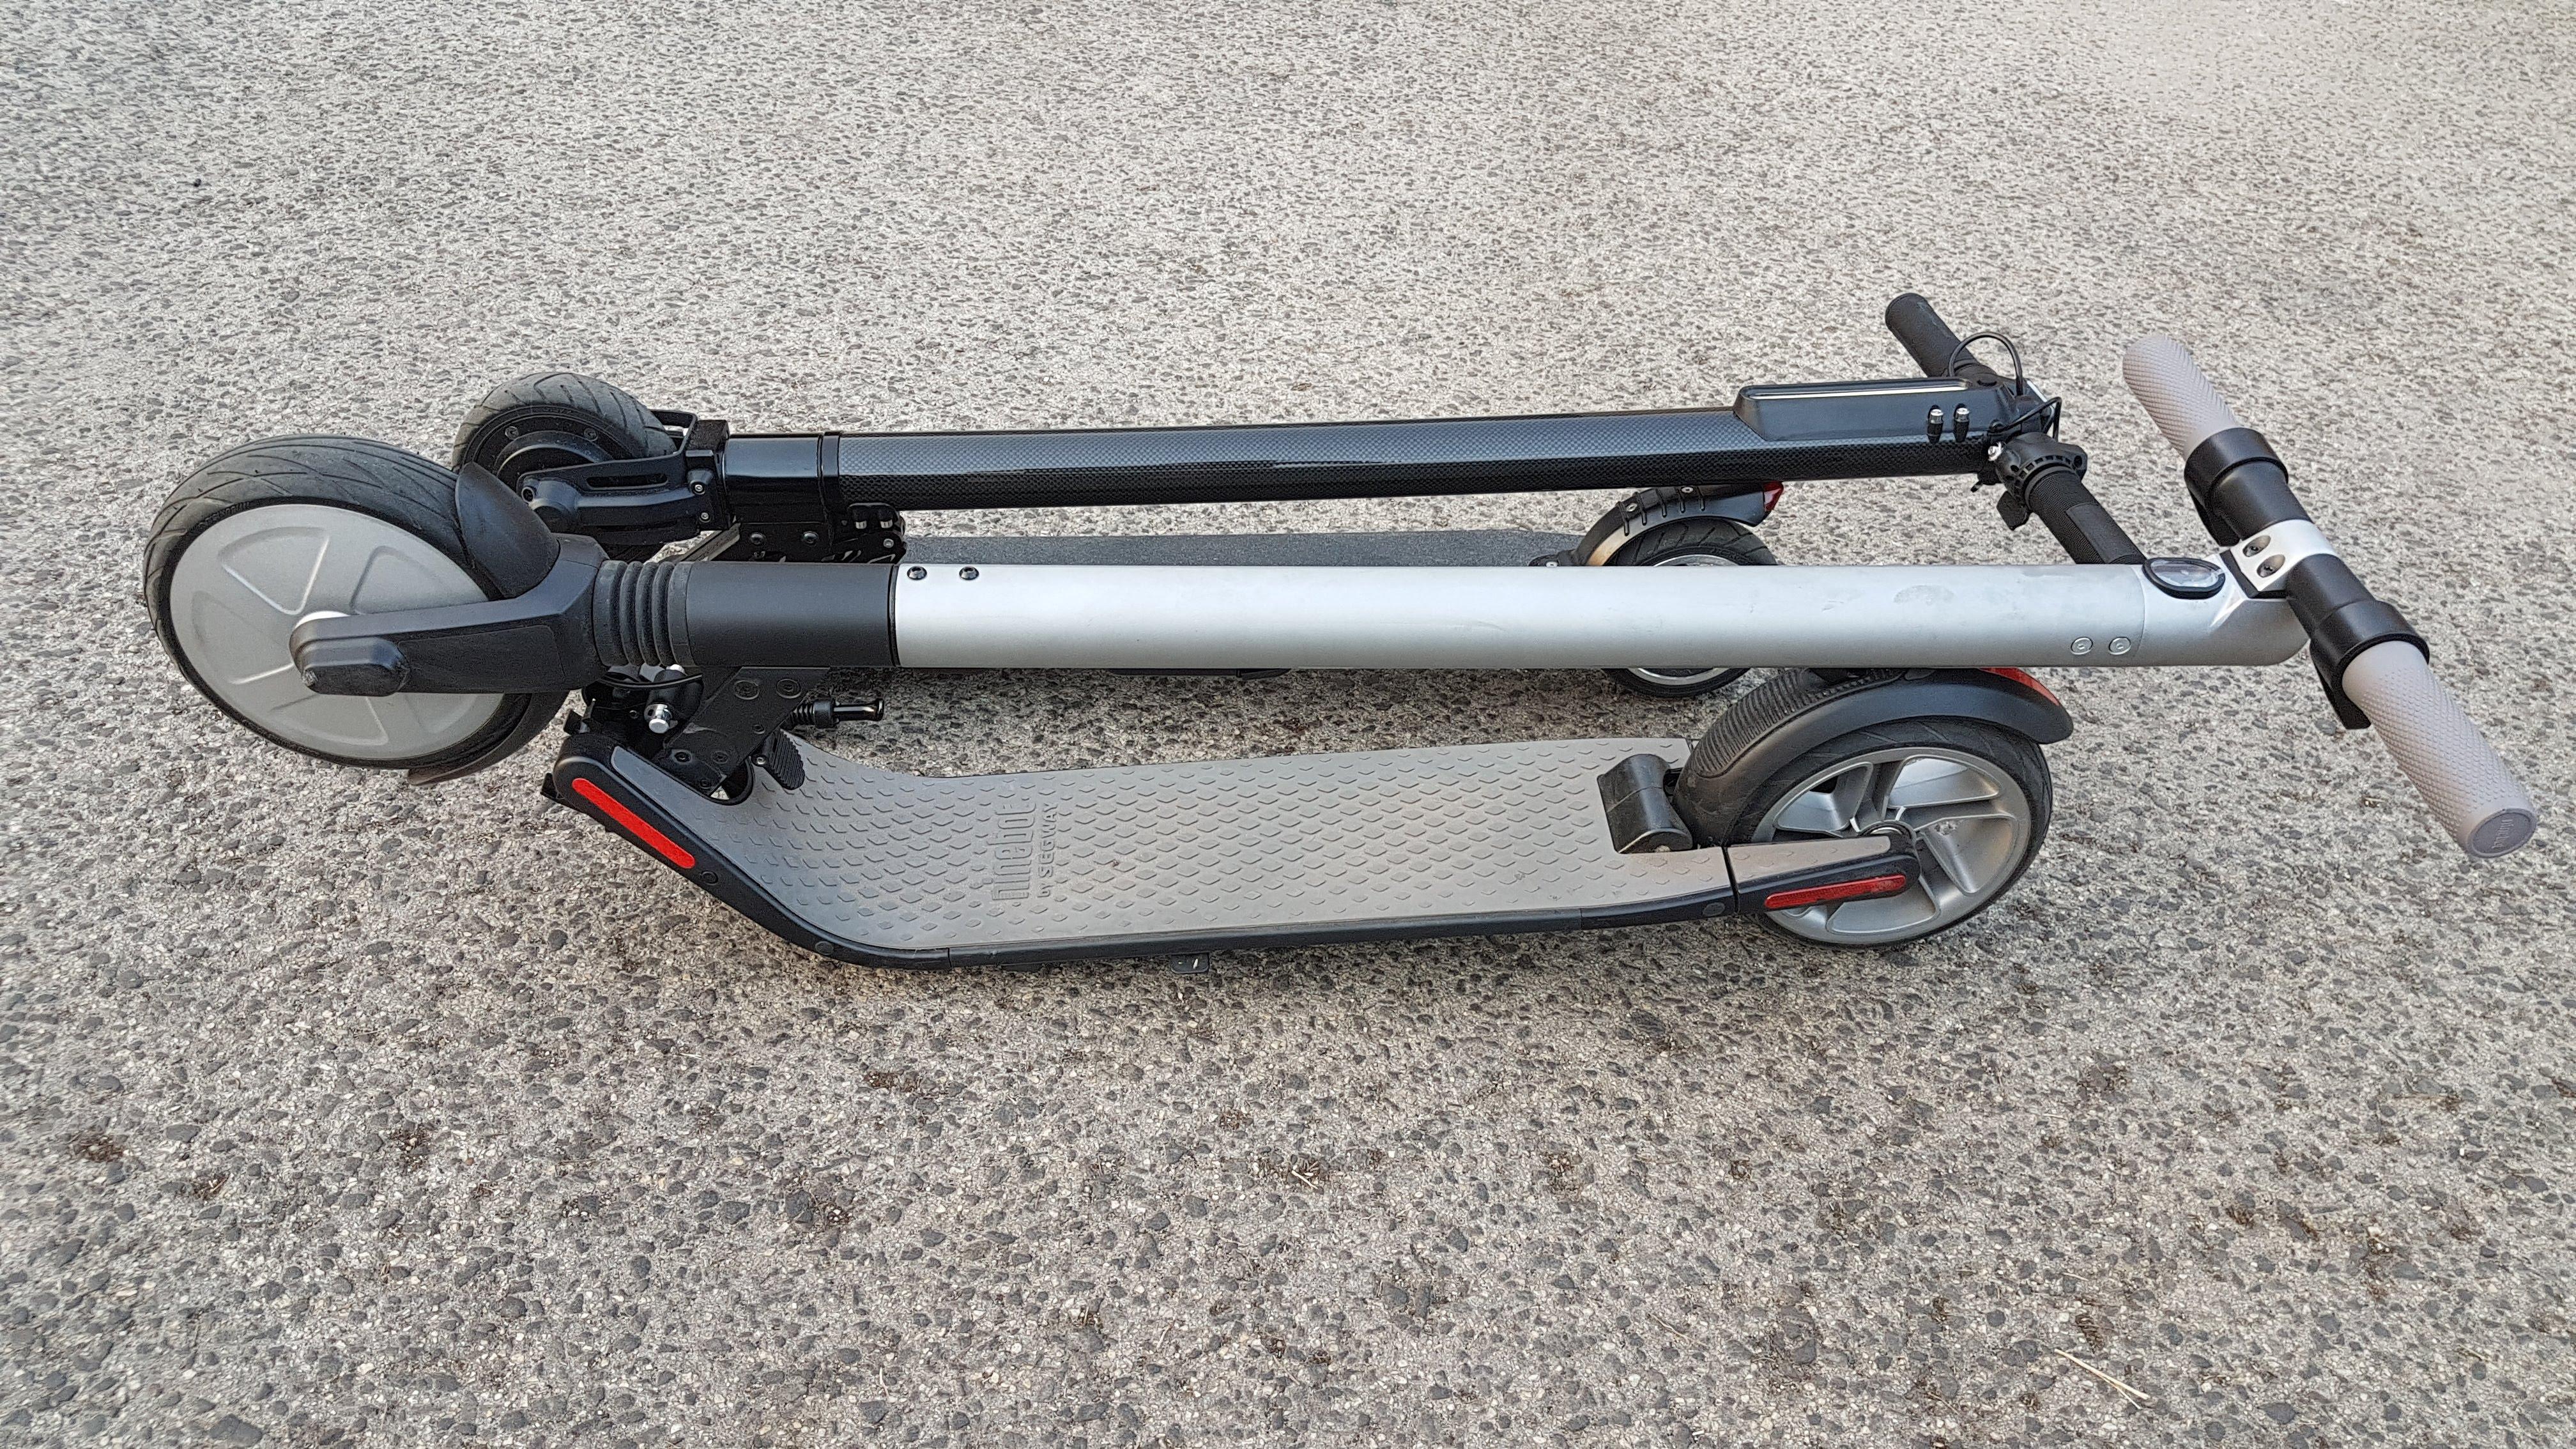 carbon-fiber-a-hordozhato-elektromos-roller-teszt-osszecsukhato-6600mAh-akkumulator-akksi-5.5-colos-kerek-36